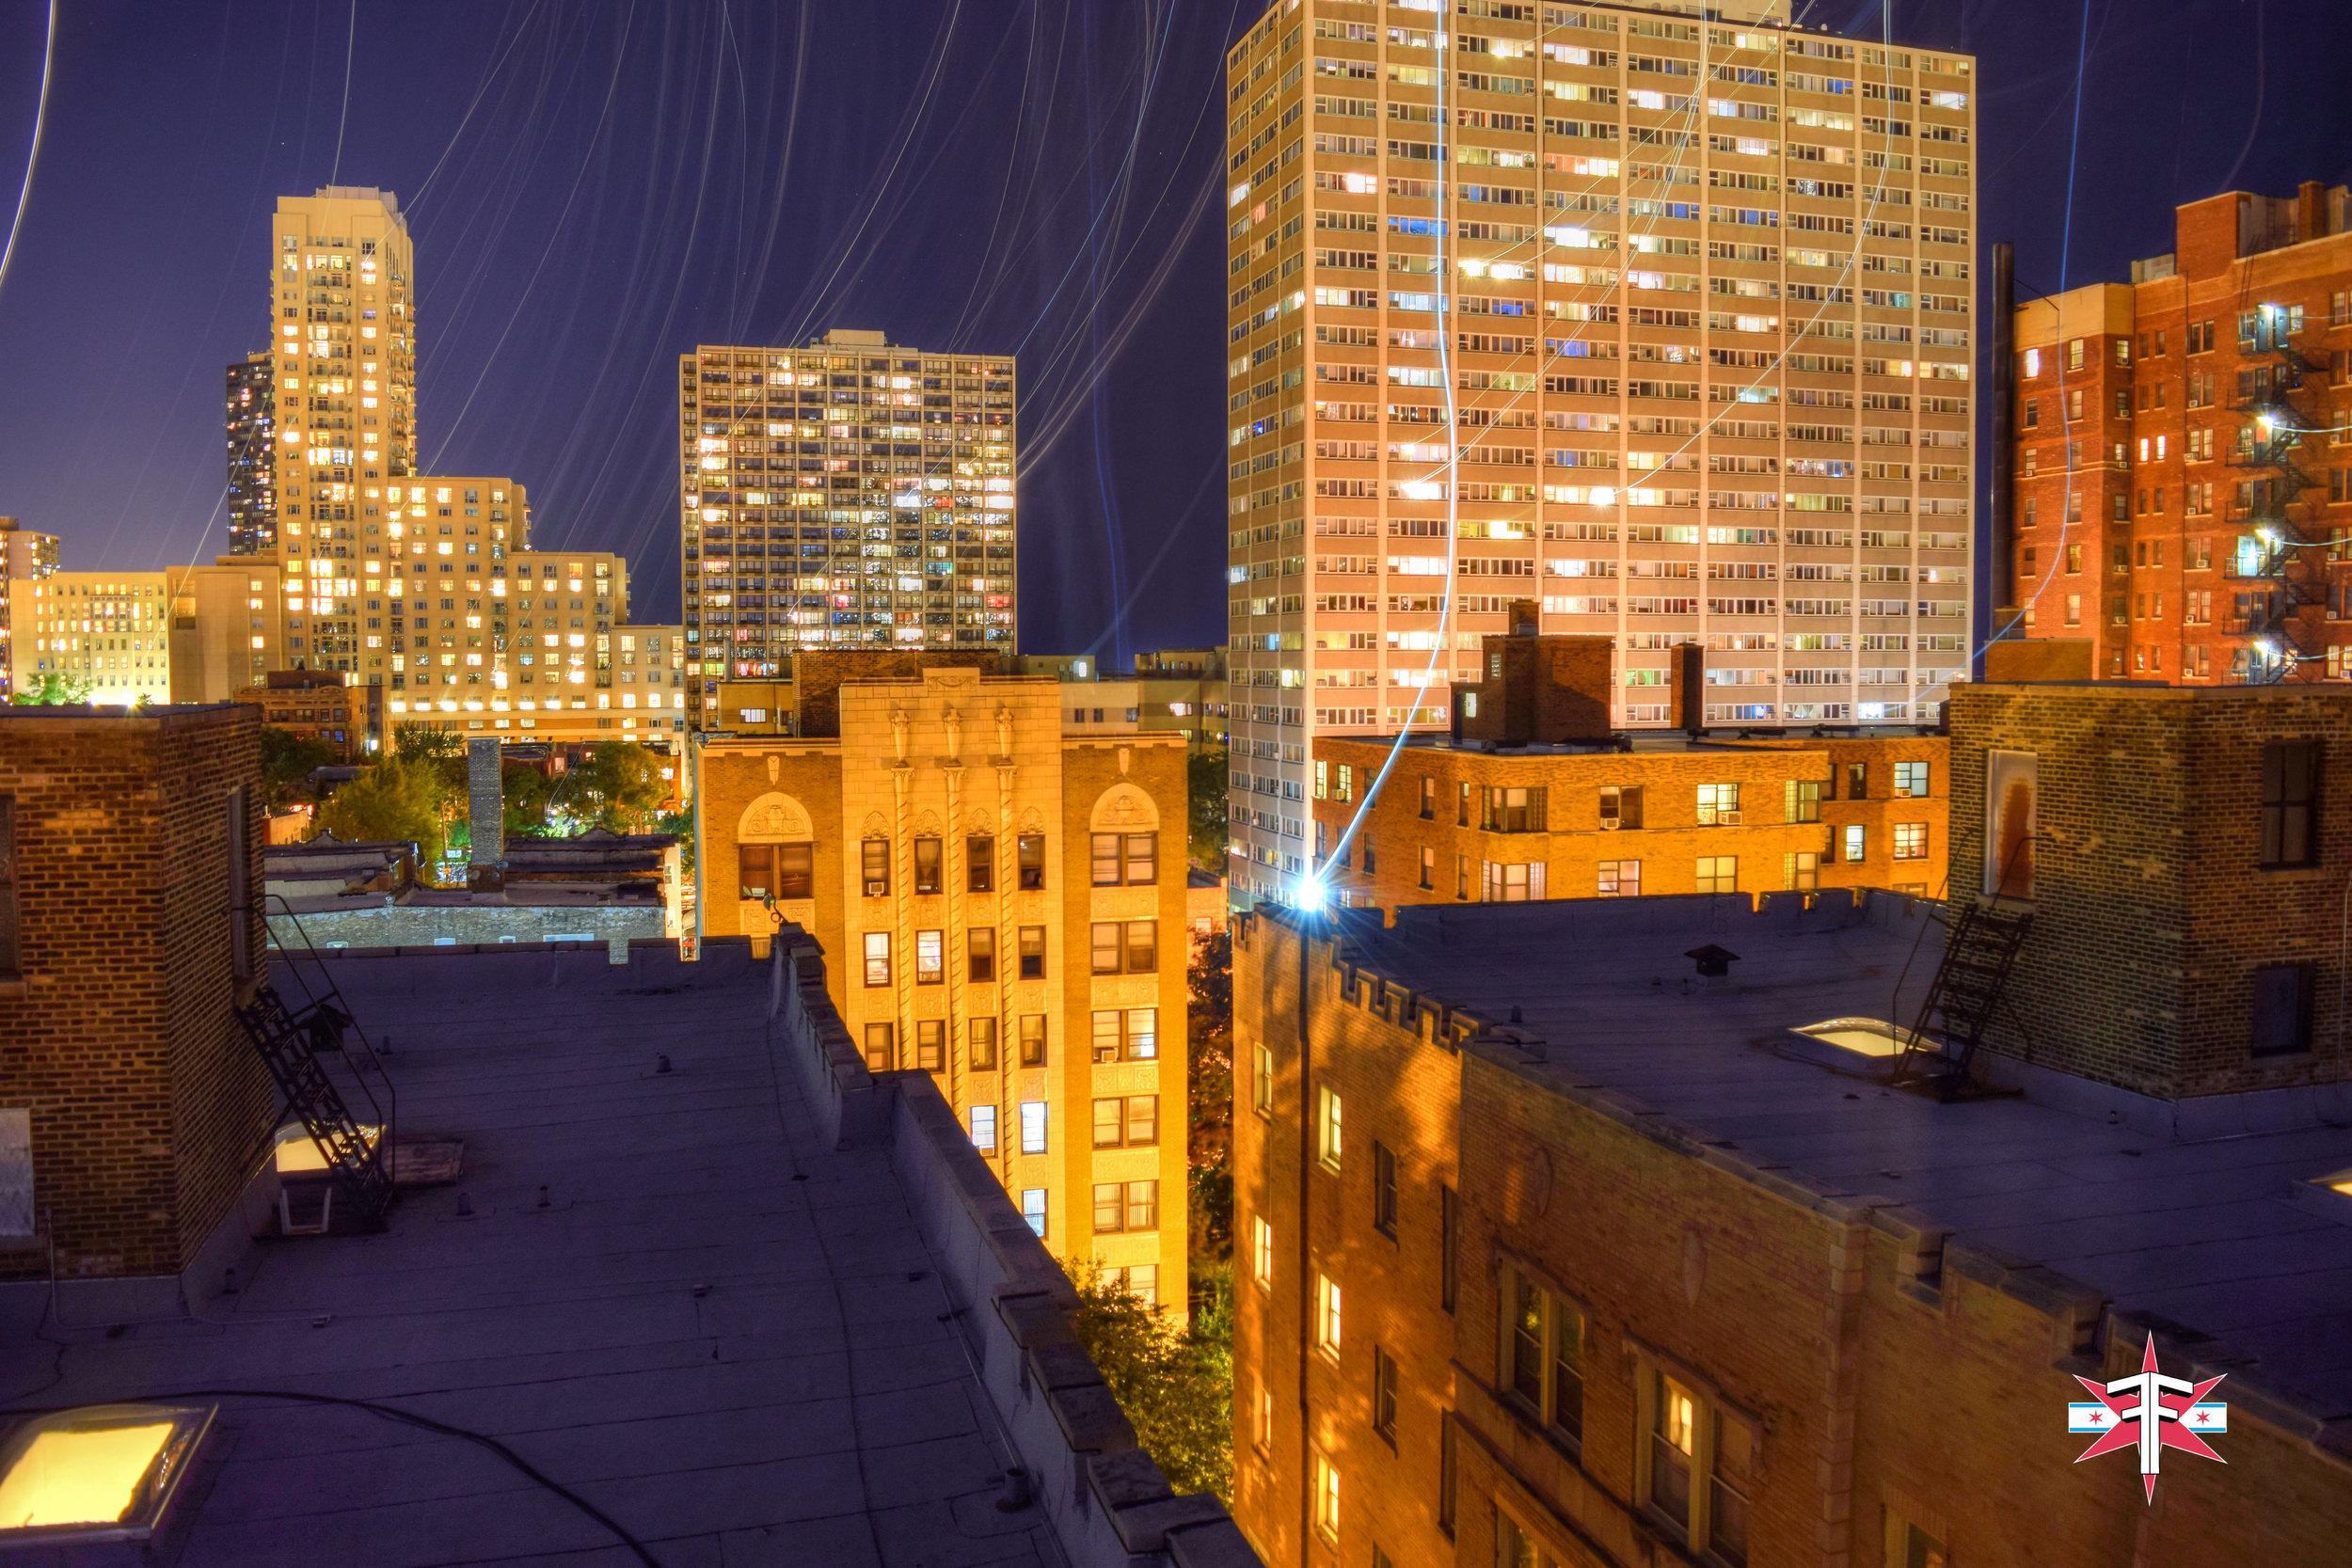 chicago art architecture eric formato photography design arquitectura architettura buildings skyscraper skyscrapers-29.jpg